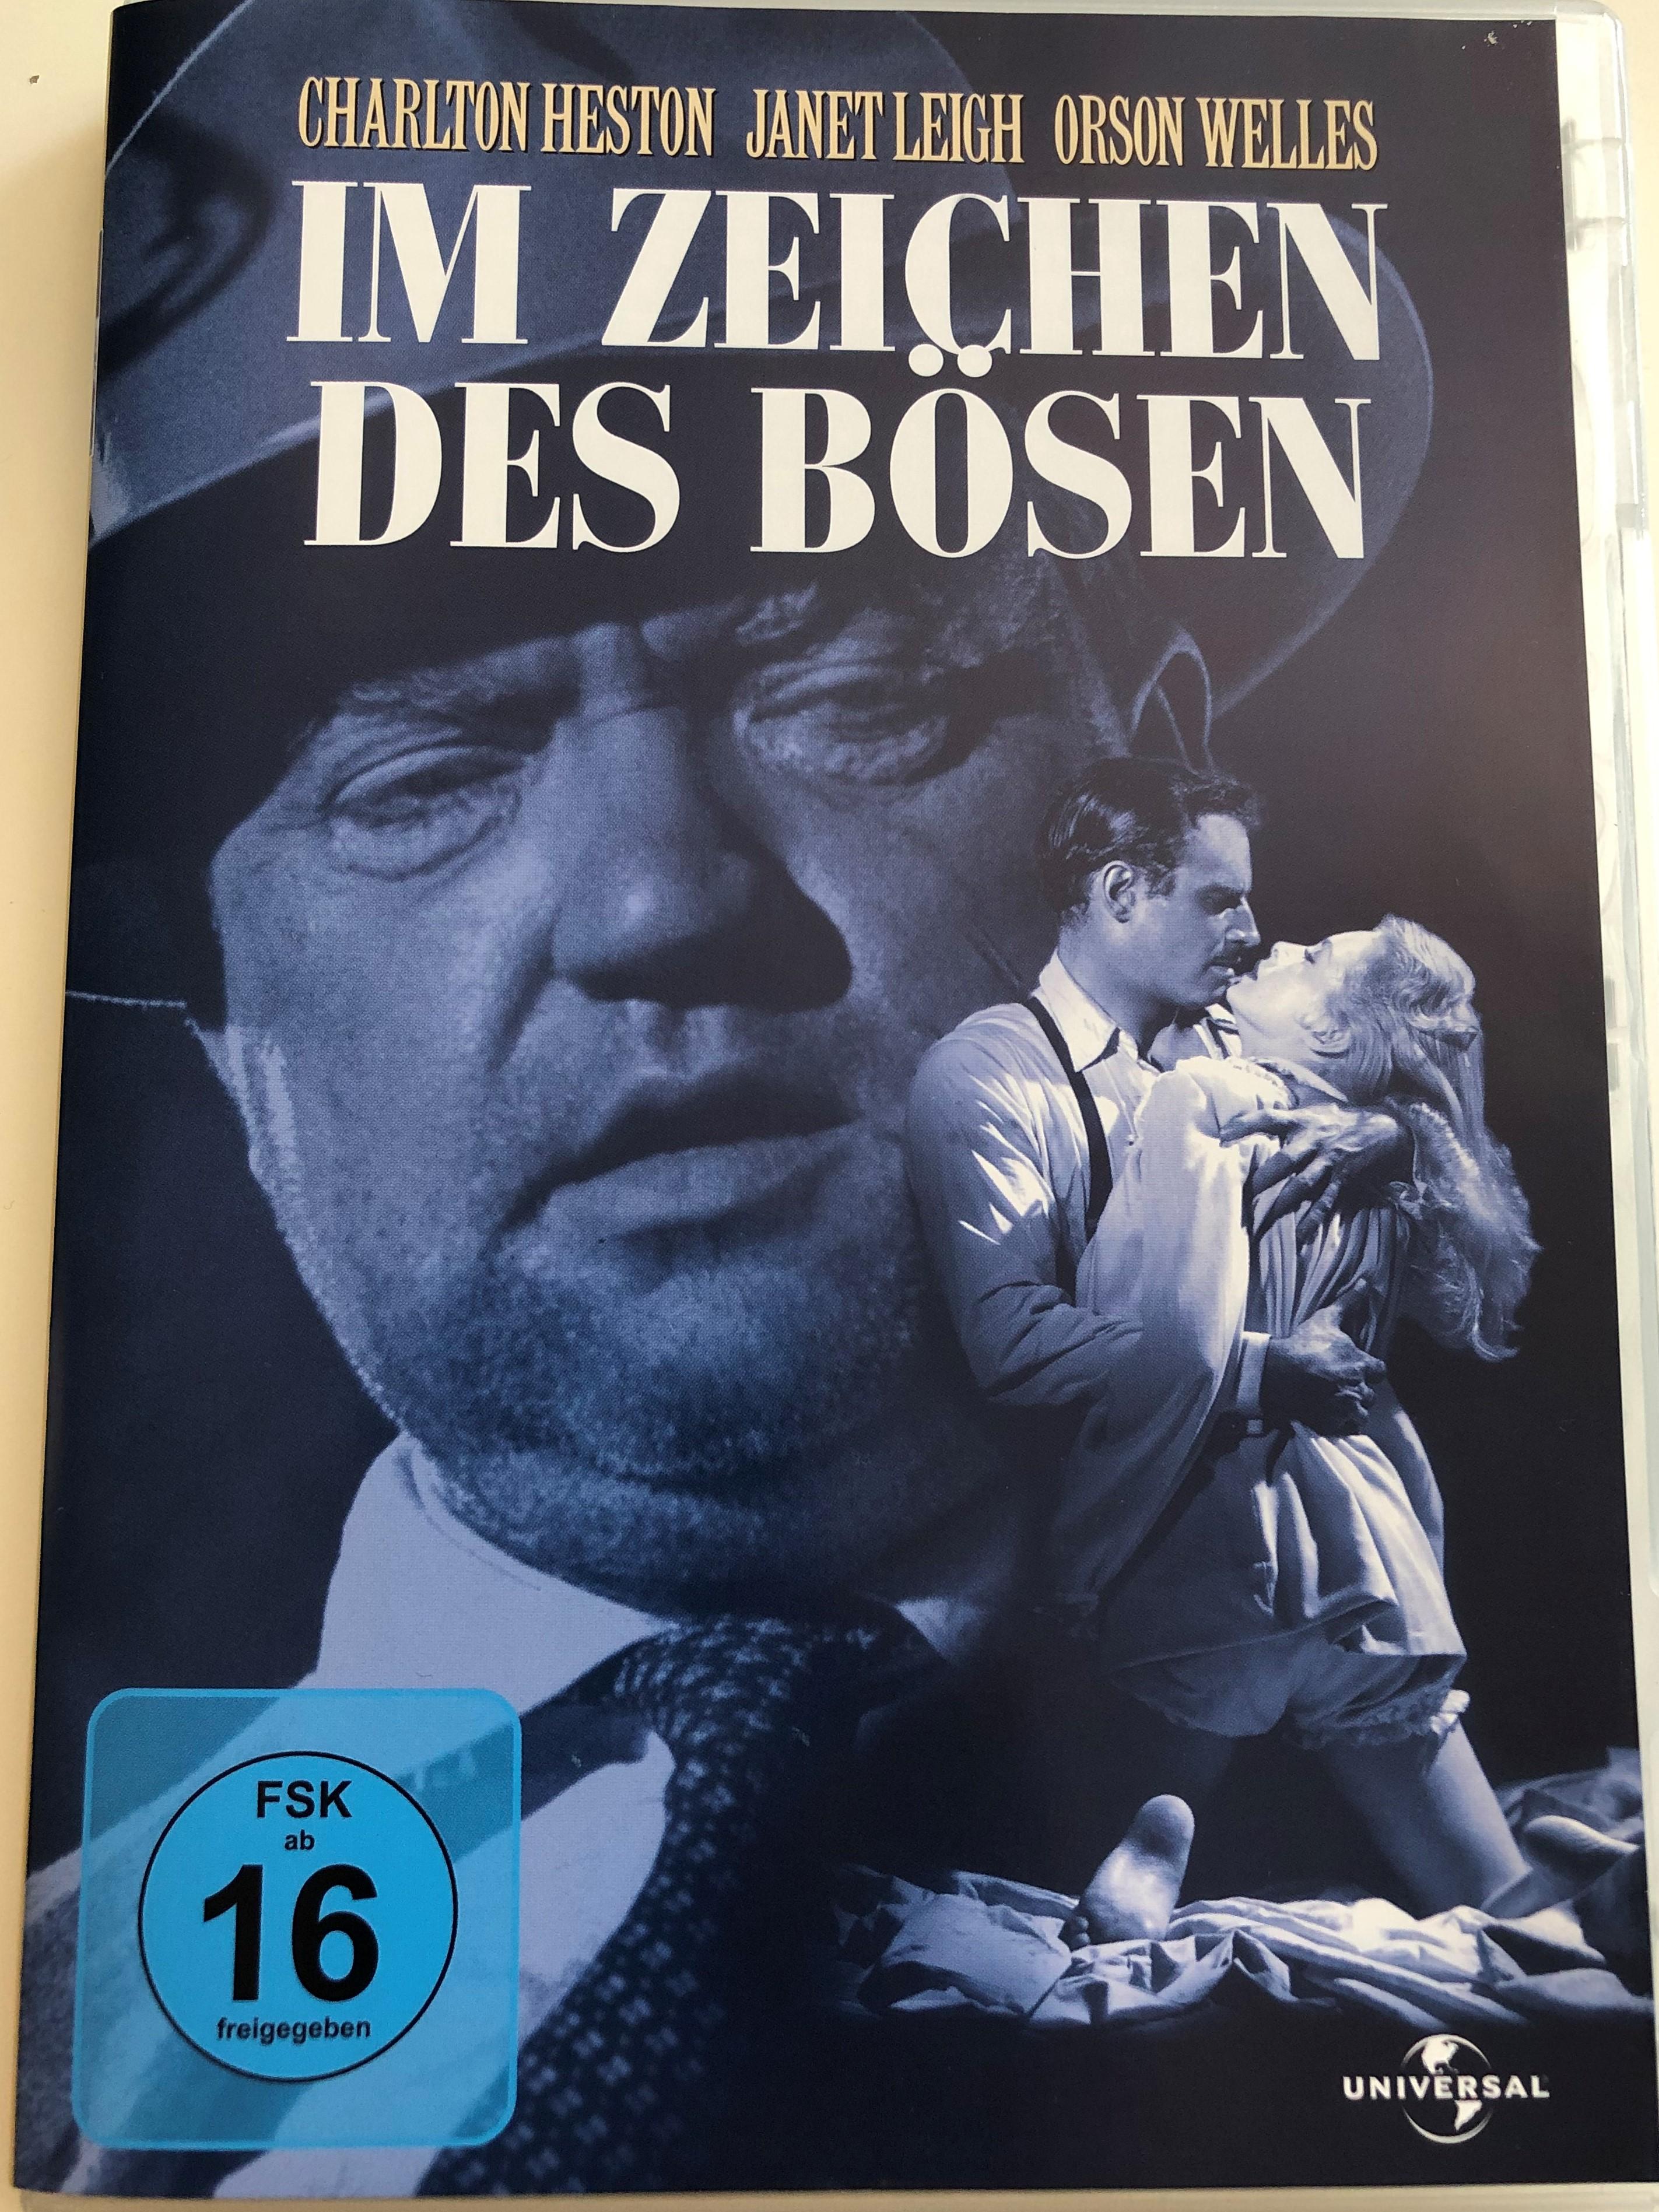 touch-of-evil-dvd-1958-im-zeichen-des-b-sen-directed-by-orson-welles-starring-charlton-heston-janet-leigh-orson-welles-joseph-galleia-akim-tamiroff-1-.jpg